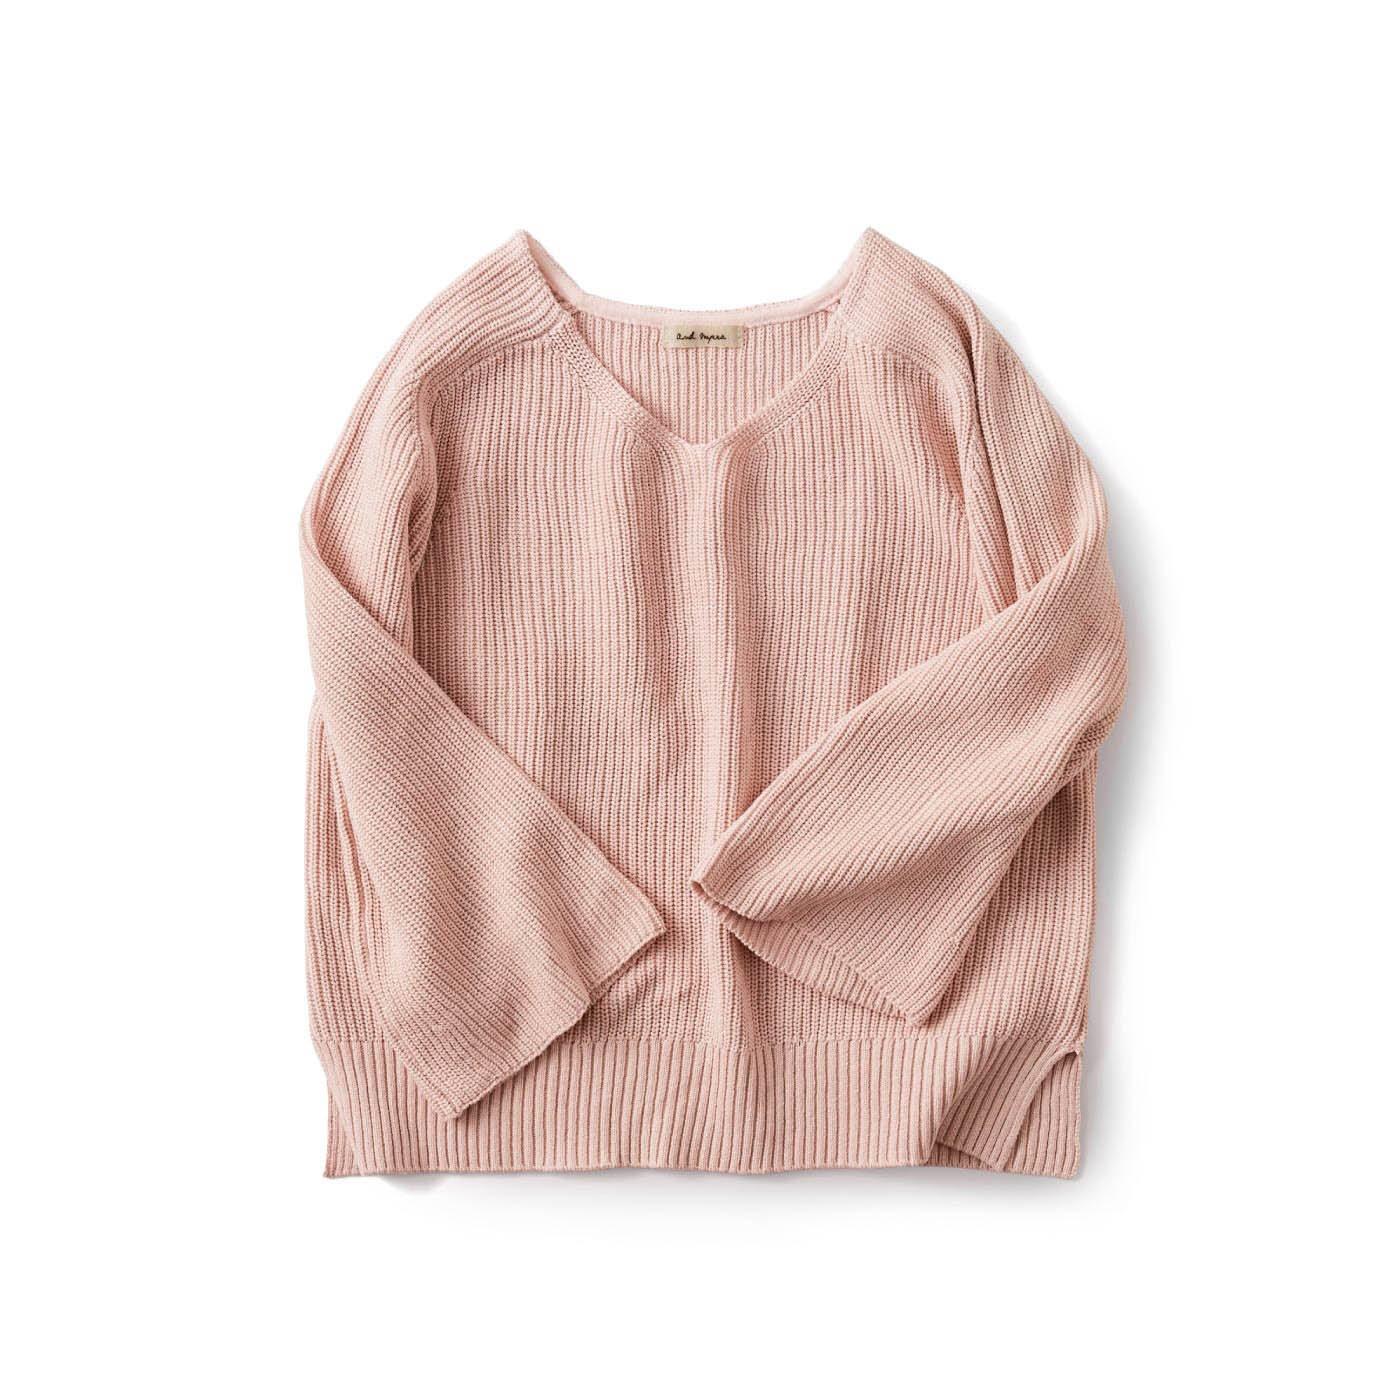 and myera 畦編みのざっくりセーター〈ピンク〉